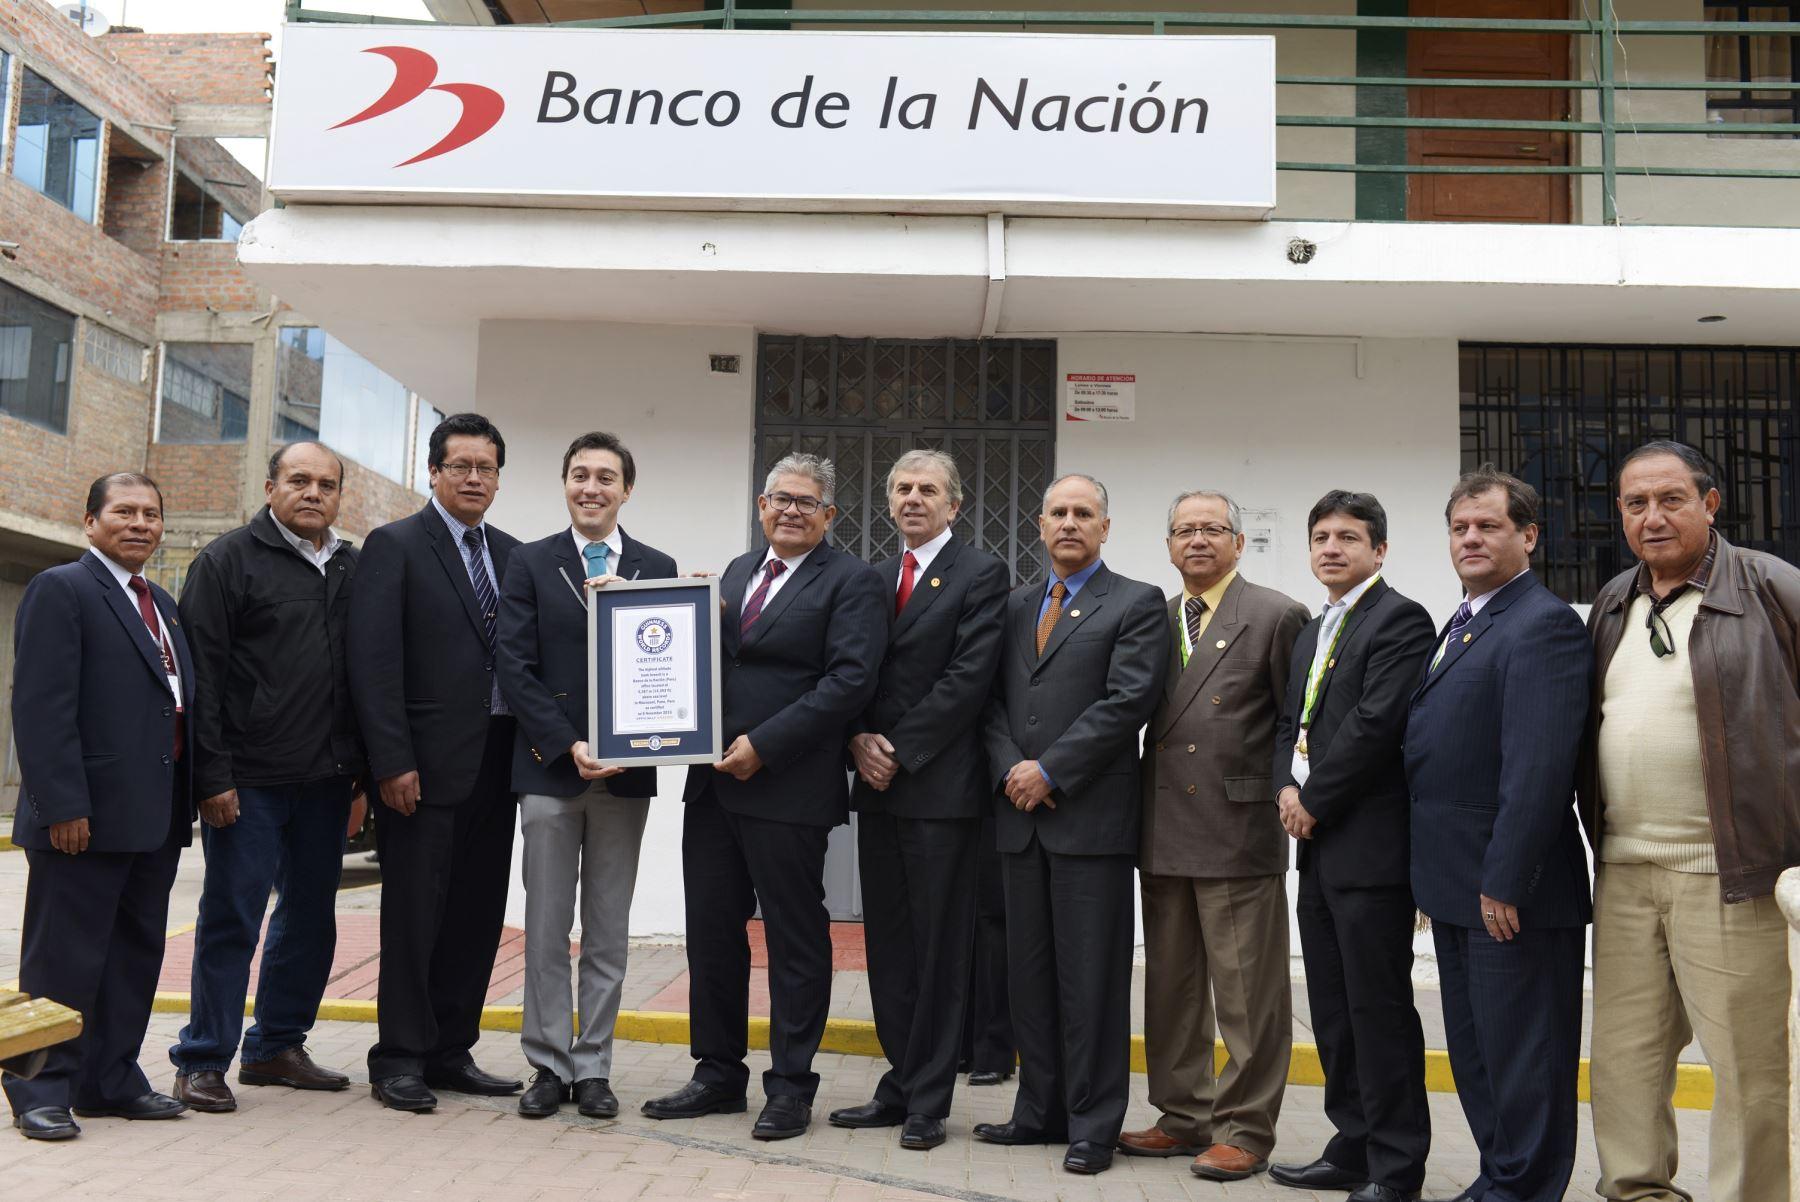 Carlos Martínez, director de Guinness World Records para América Latina, entregó la certificación en la Plaza de Armas de Macusani.